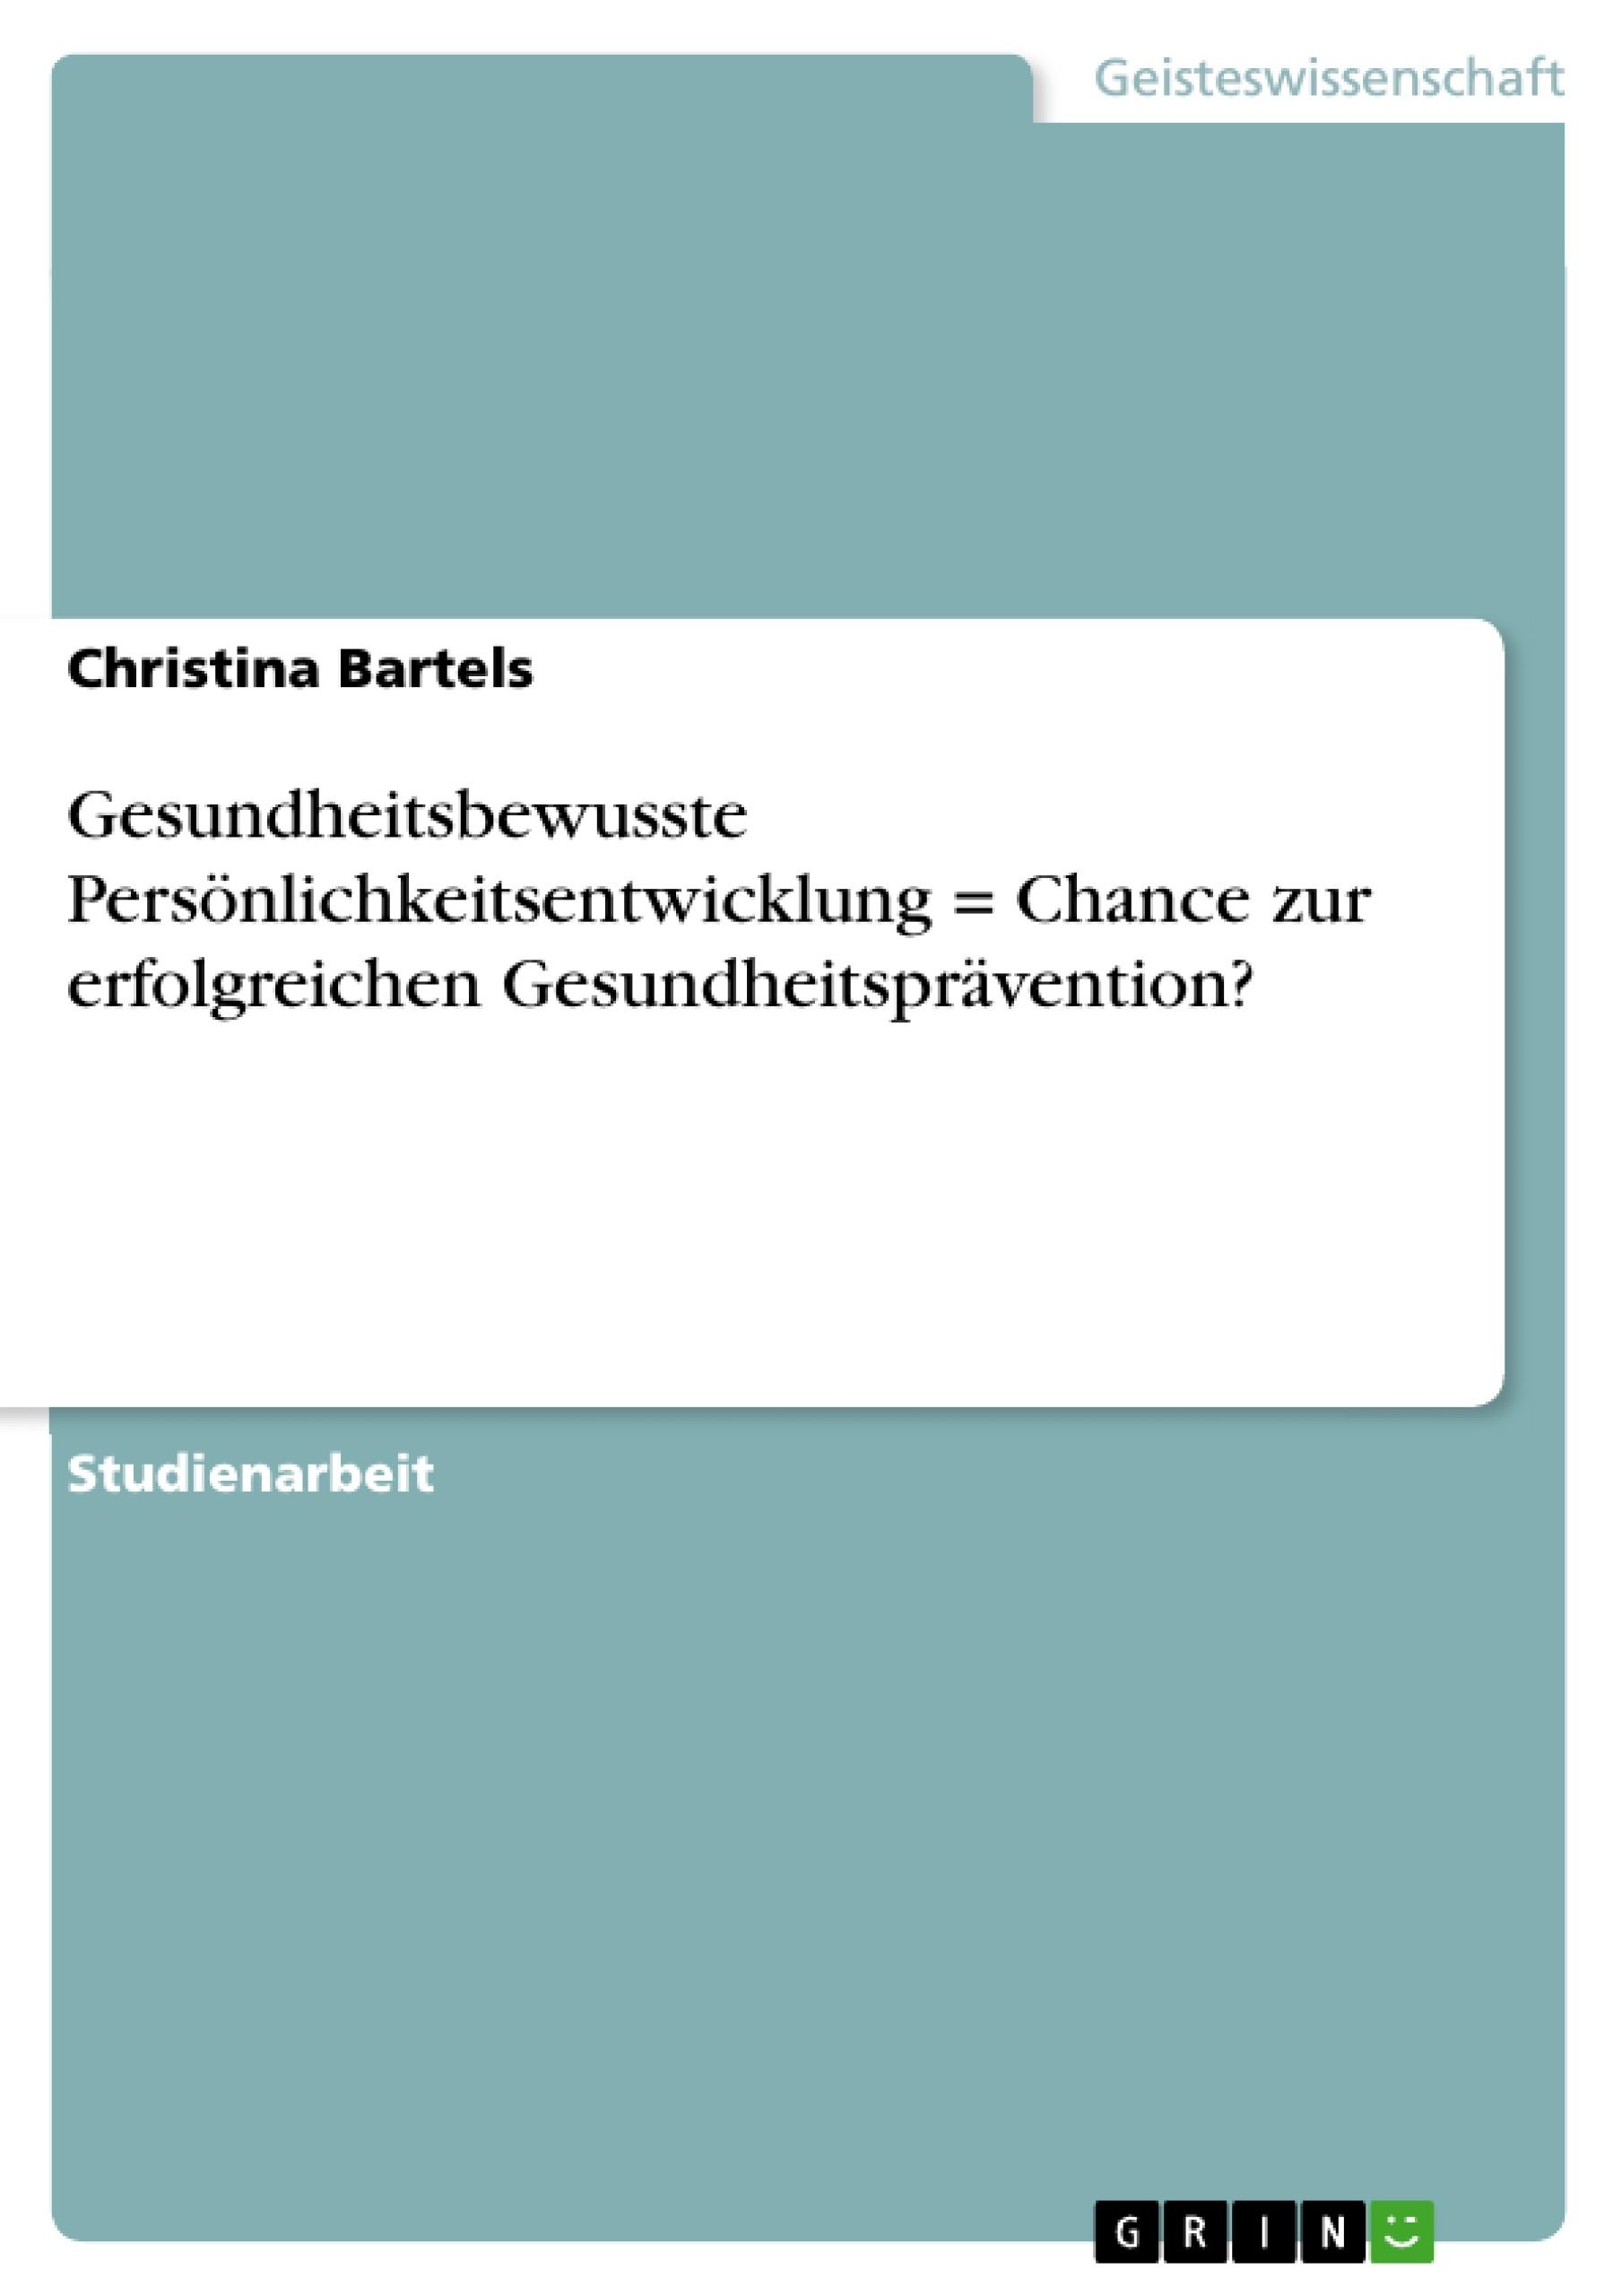 Titel: Gesundheitsbewusste Persönlichkeitsentwicklung = Chance zur erfolgreichen Gesundheitsprävention?